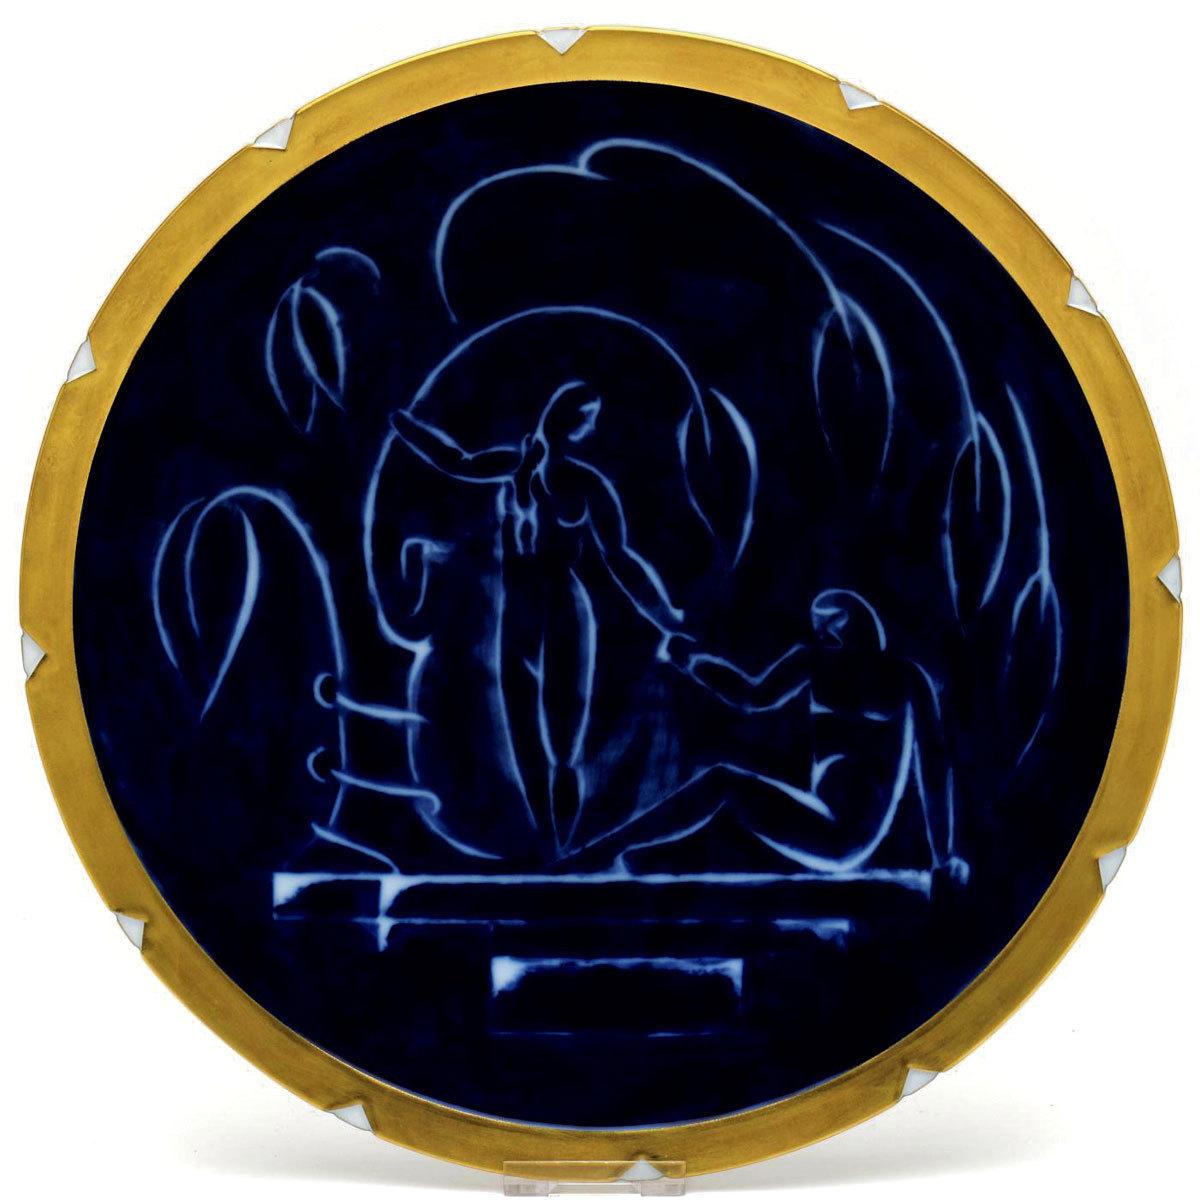 セーブル(Sevres) 絵皿 飾り皿 ドーラ アダムとイブ図(ゴールドエッジ) 手描き 磁器製 皿 2007年復刻 フランス製 新品 美術品&絵画&その他